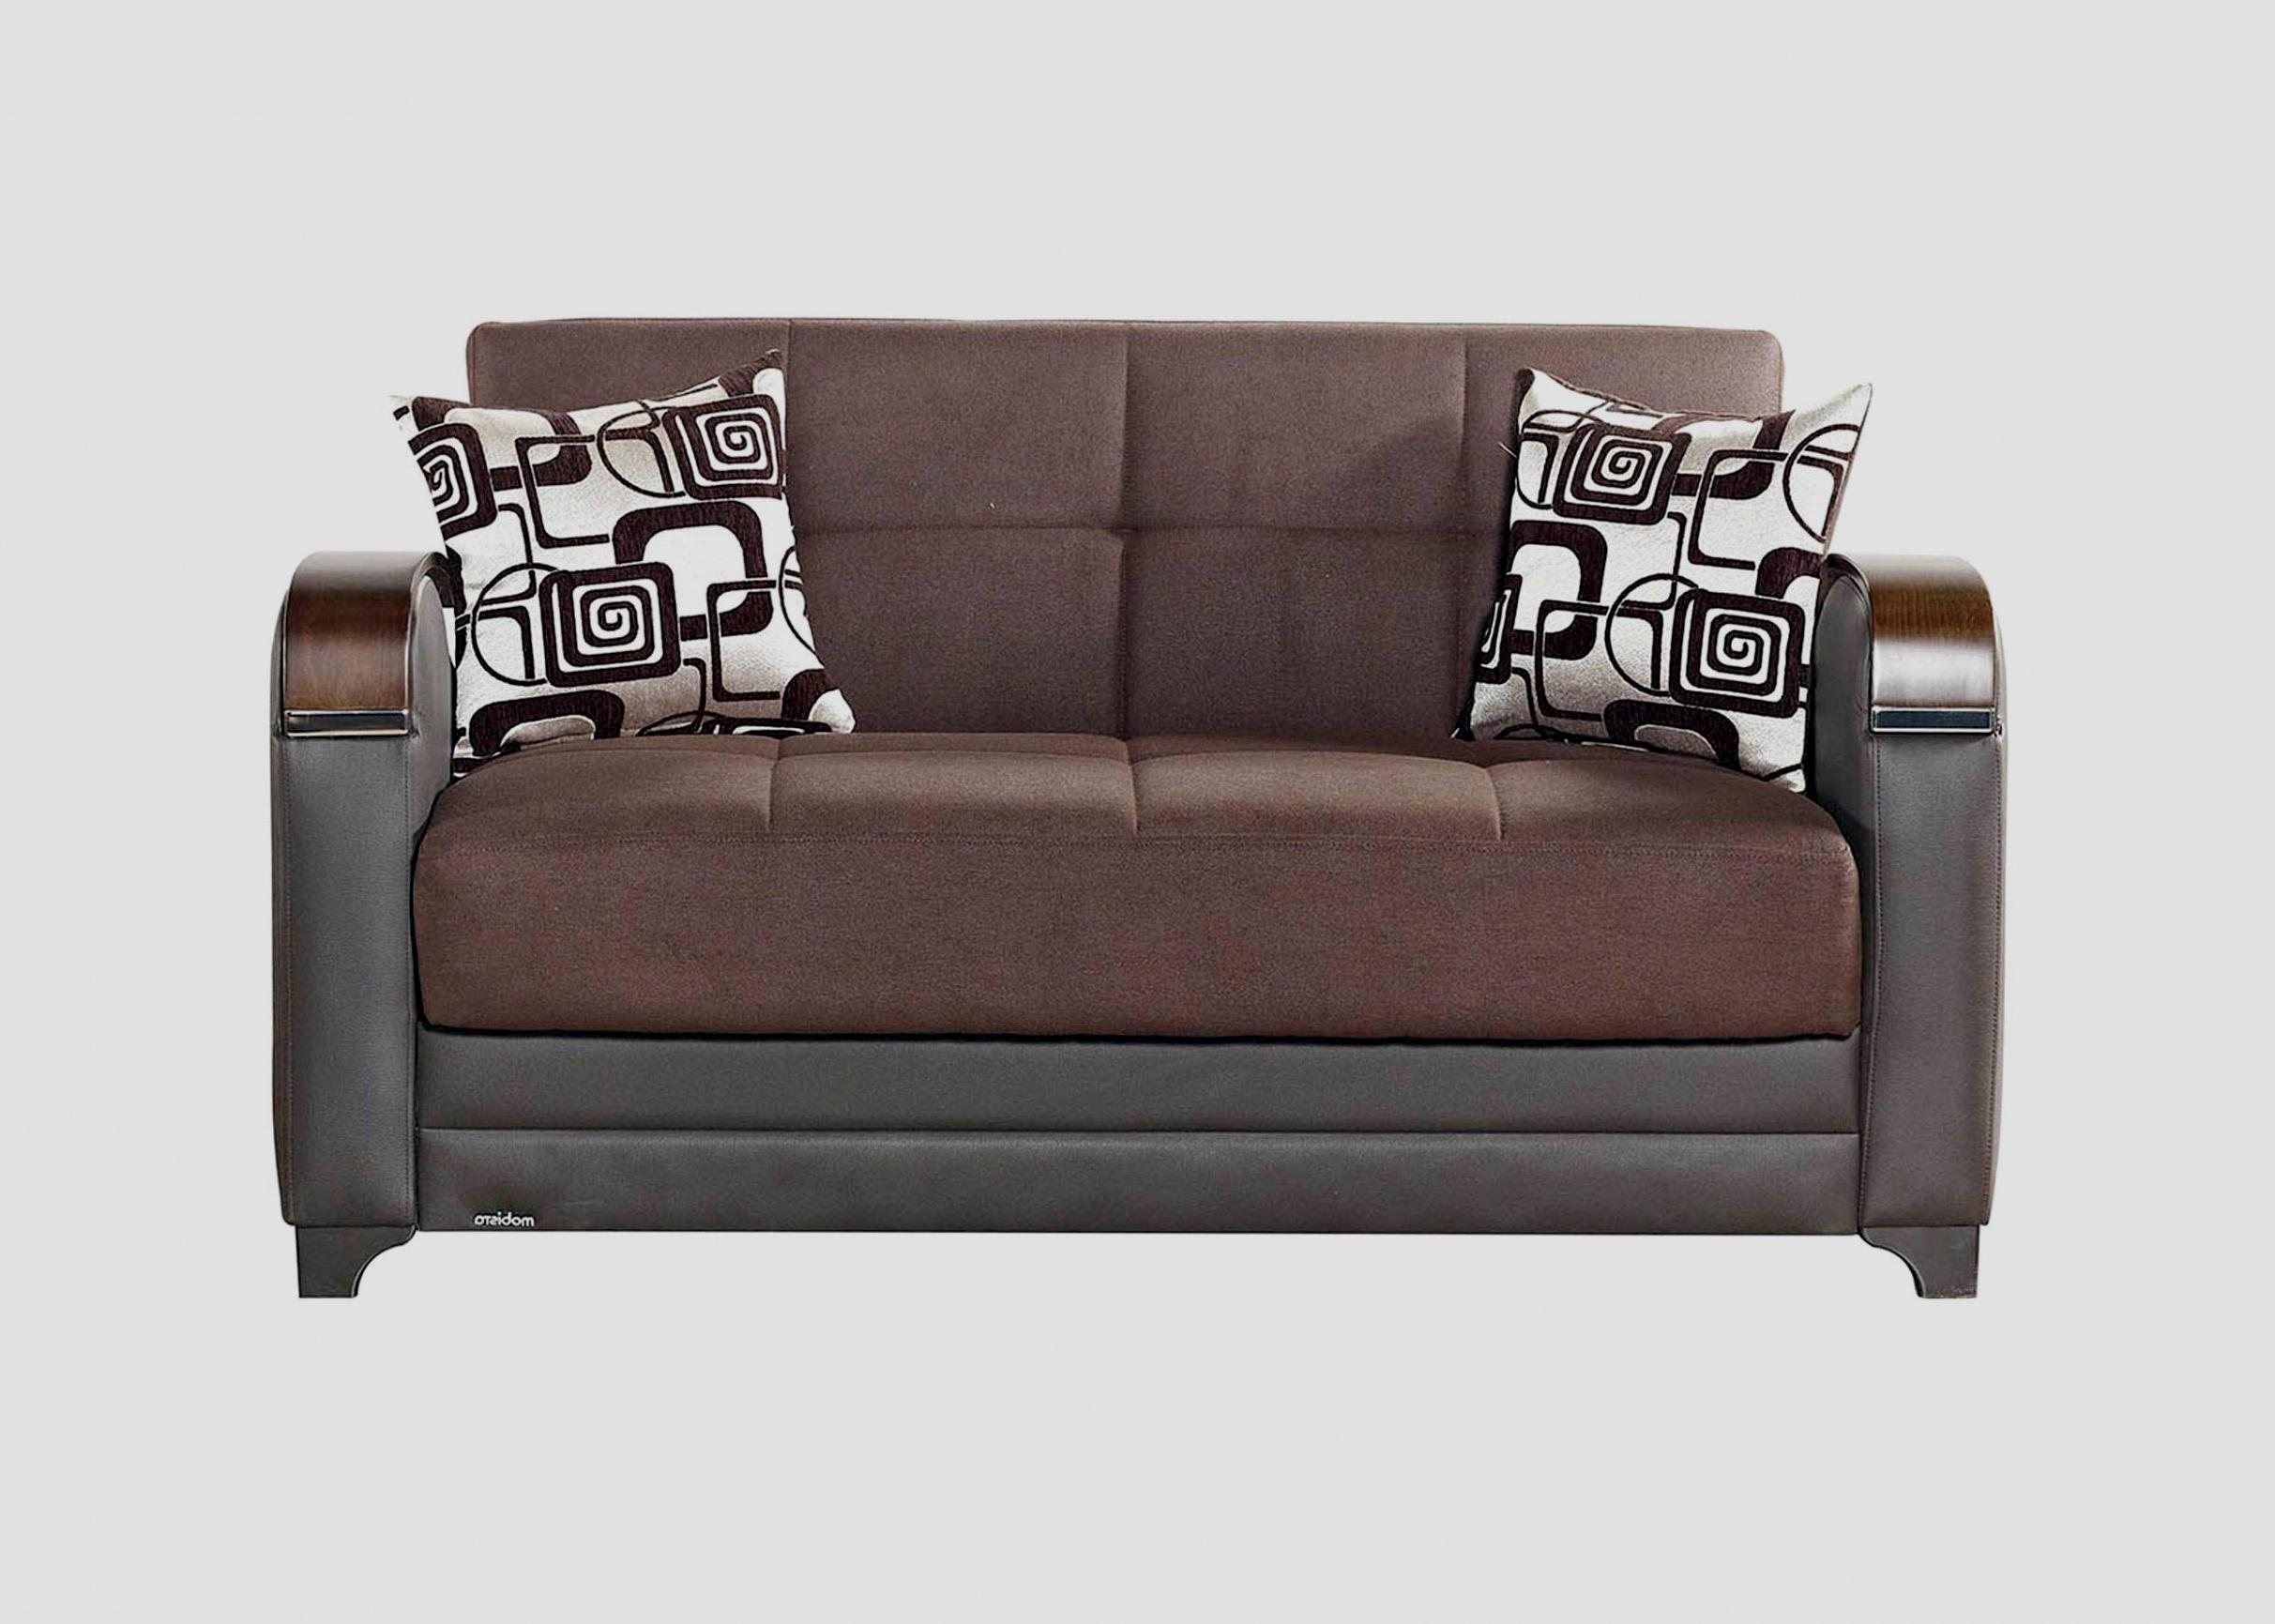 Sofas Chaise Longue Conforama Tqd3 sofas Chaise Longue Conforama Magnifico Conforama sofas Unique Les